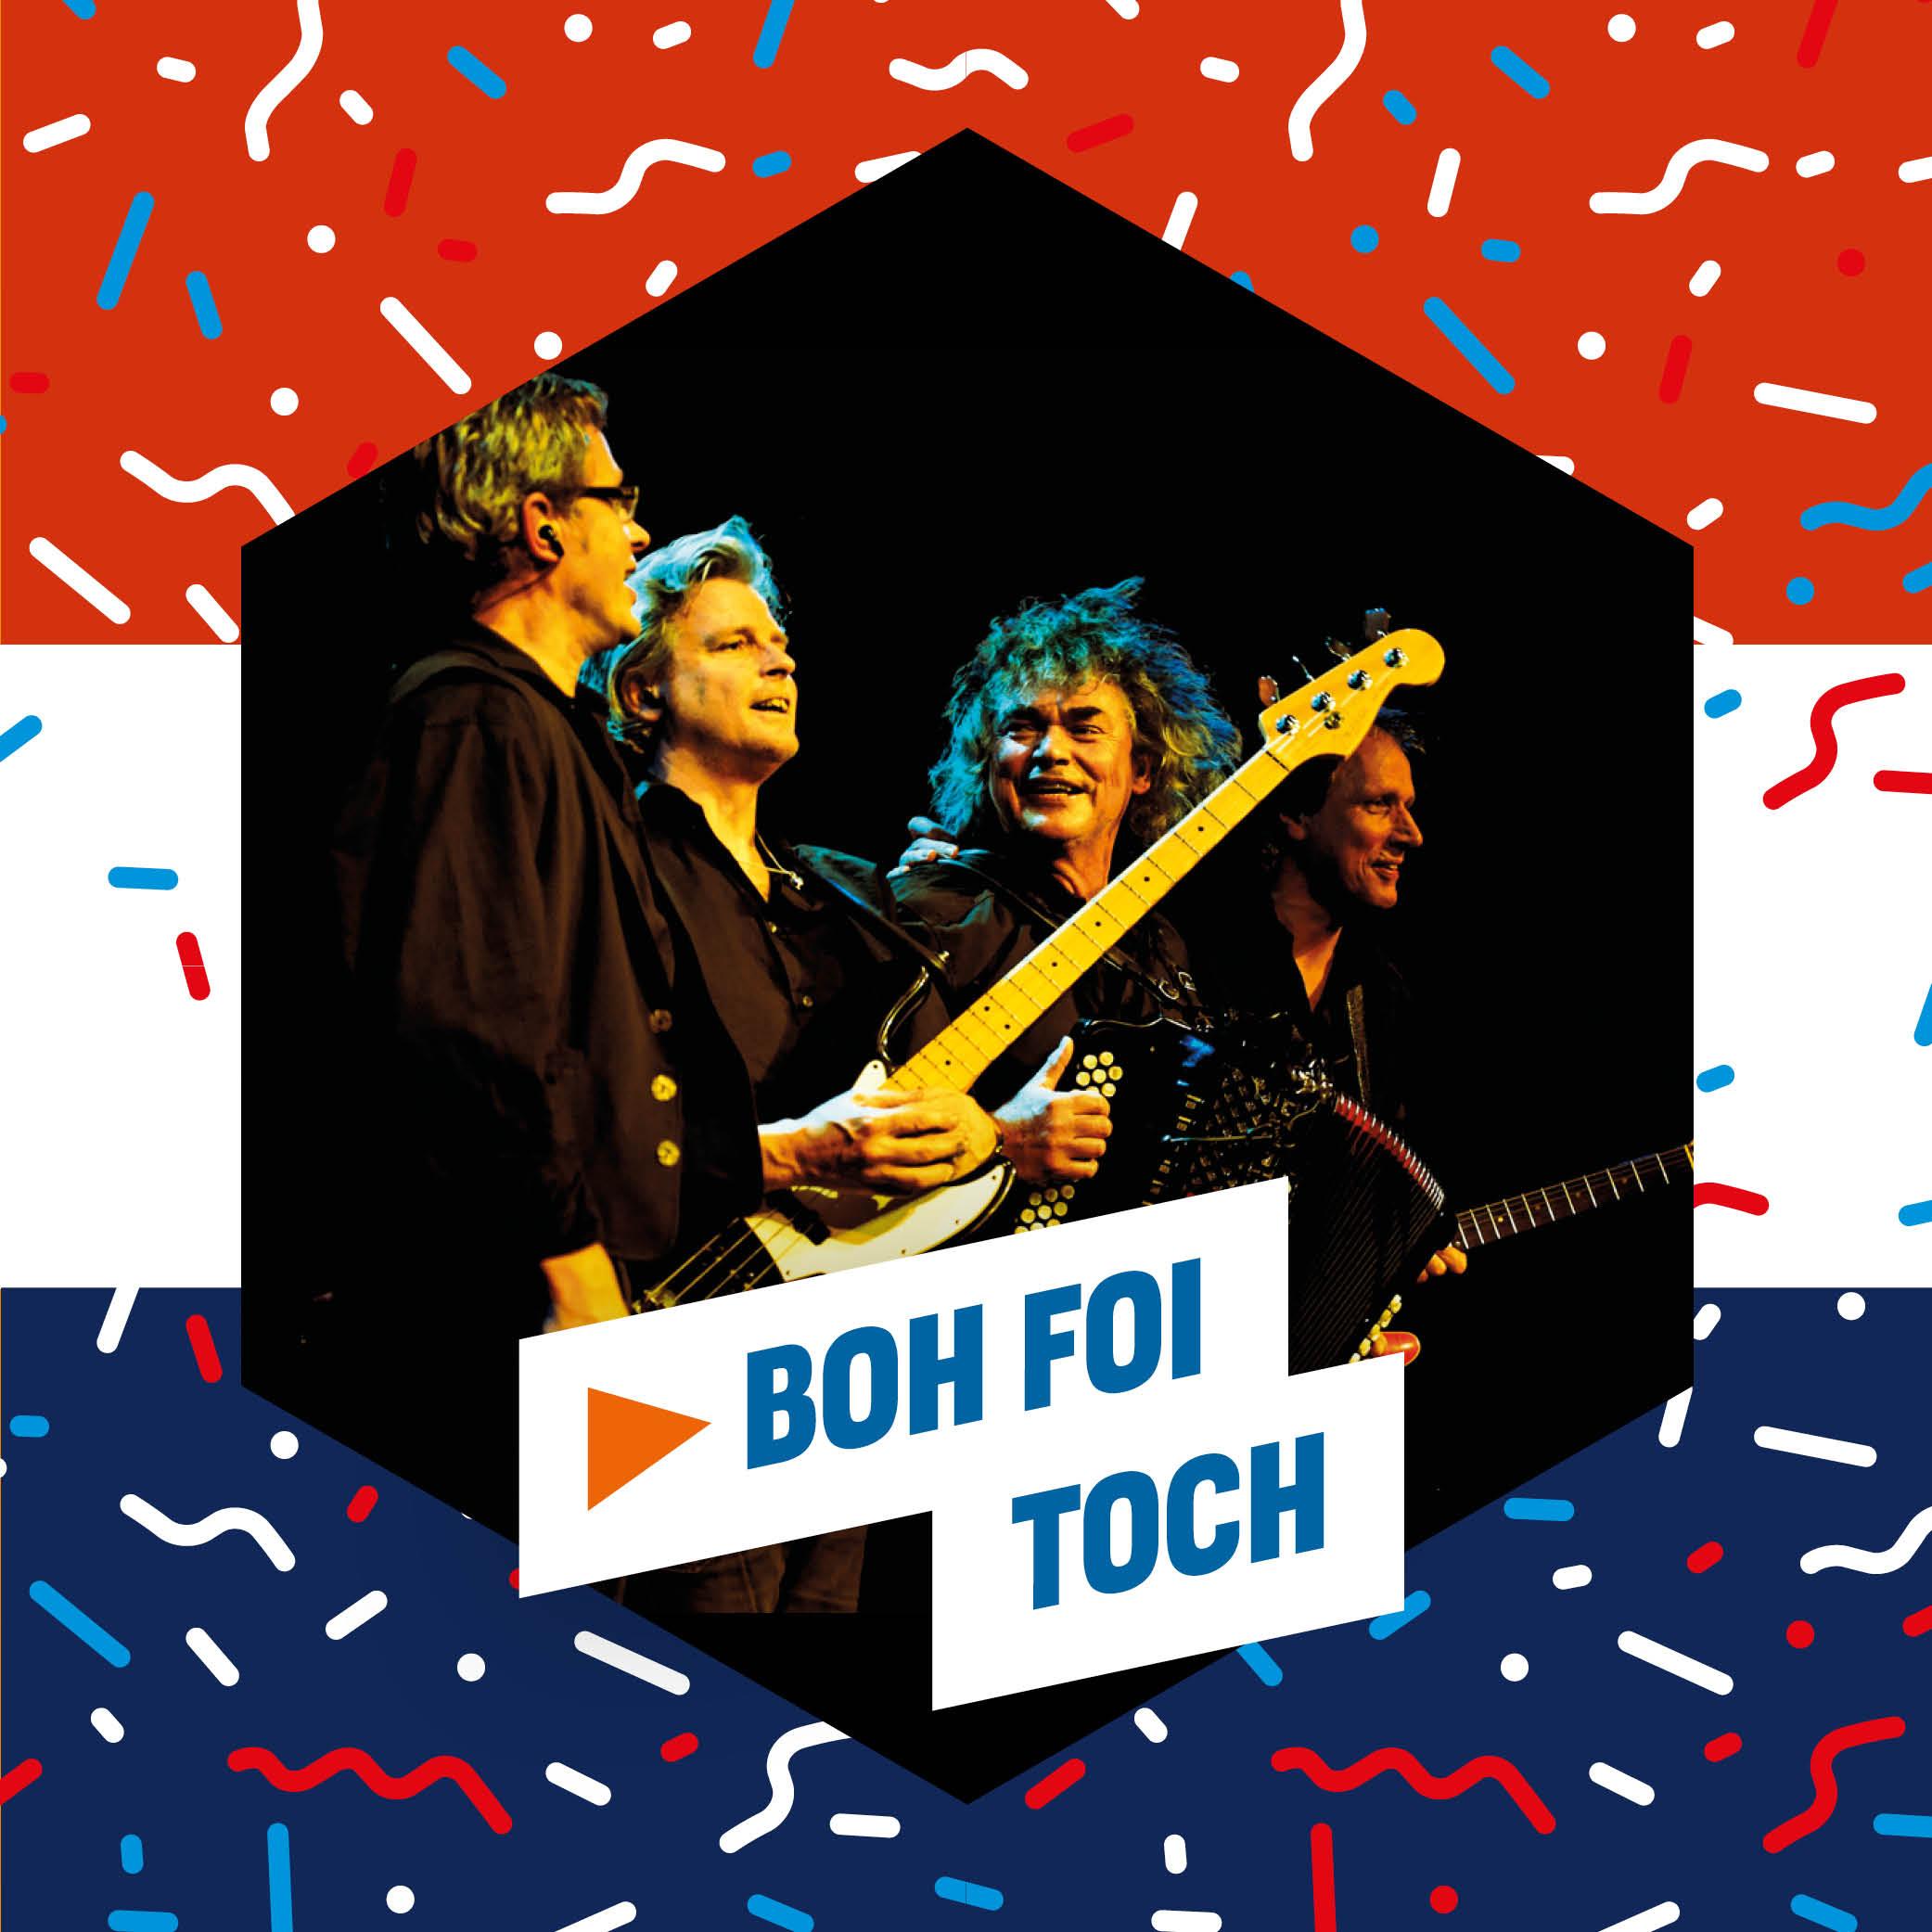 BOH FOI TOCH